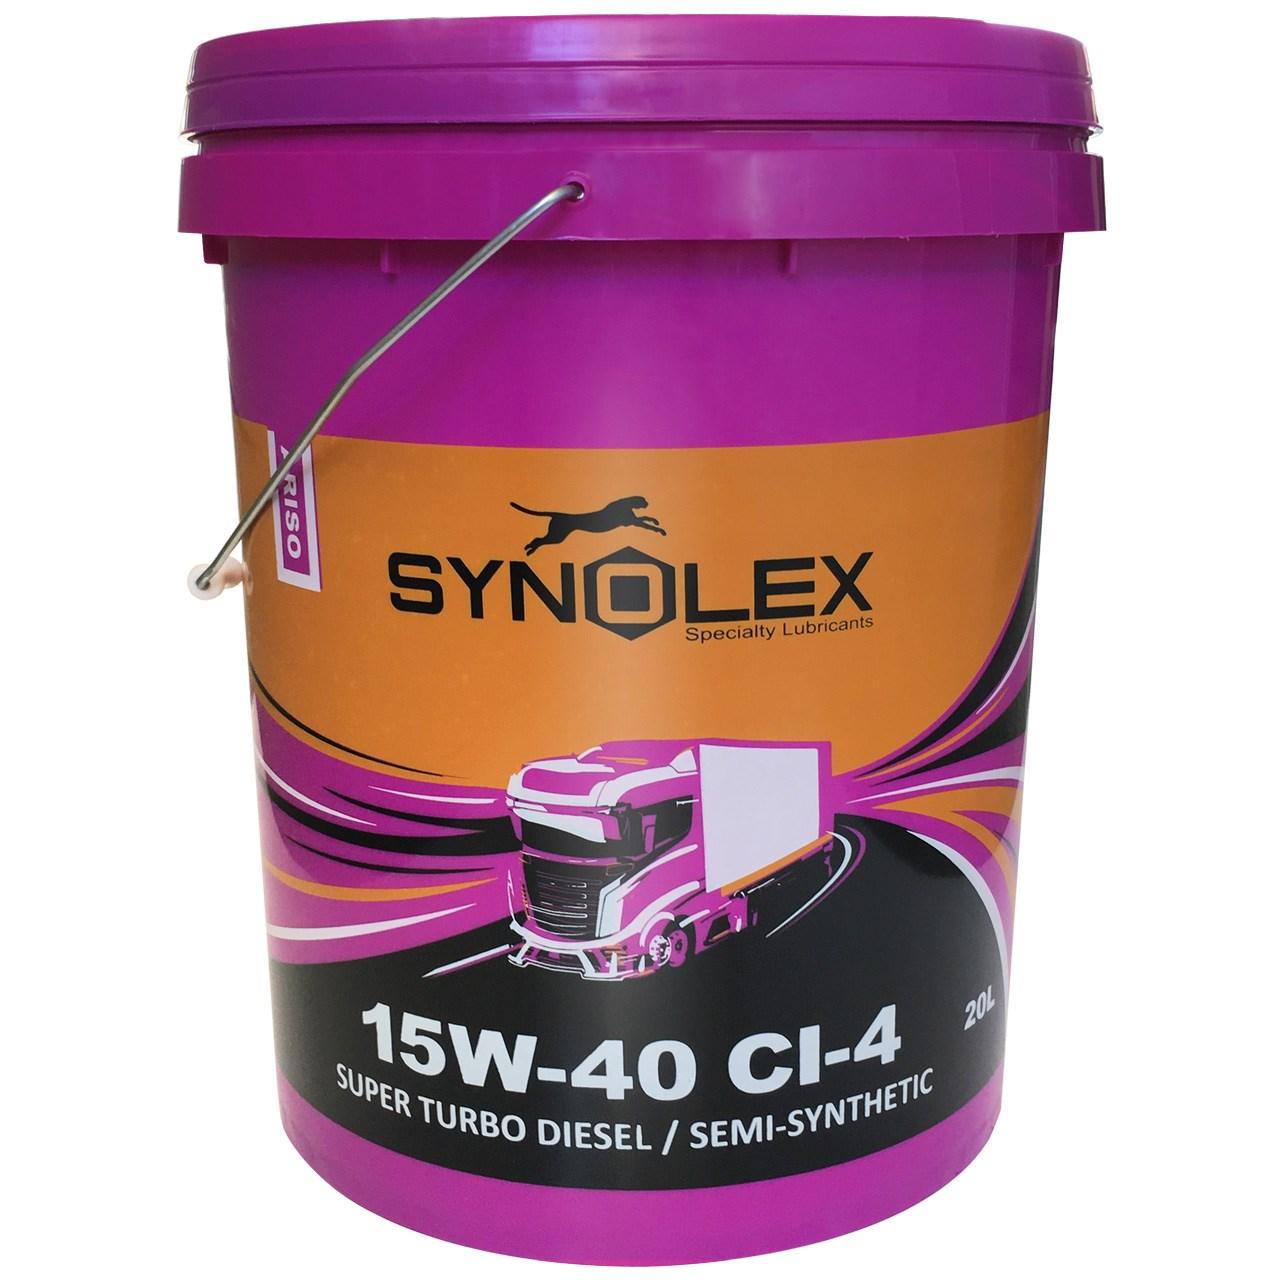 روغن موتور دیزلی سینولکس مدل آریسو 15W-40 CI-4 ظرفیت 20 لیتر